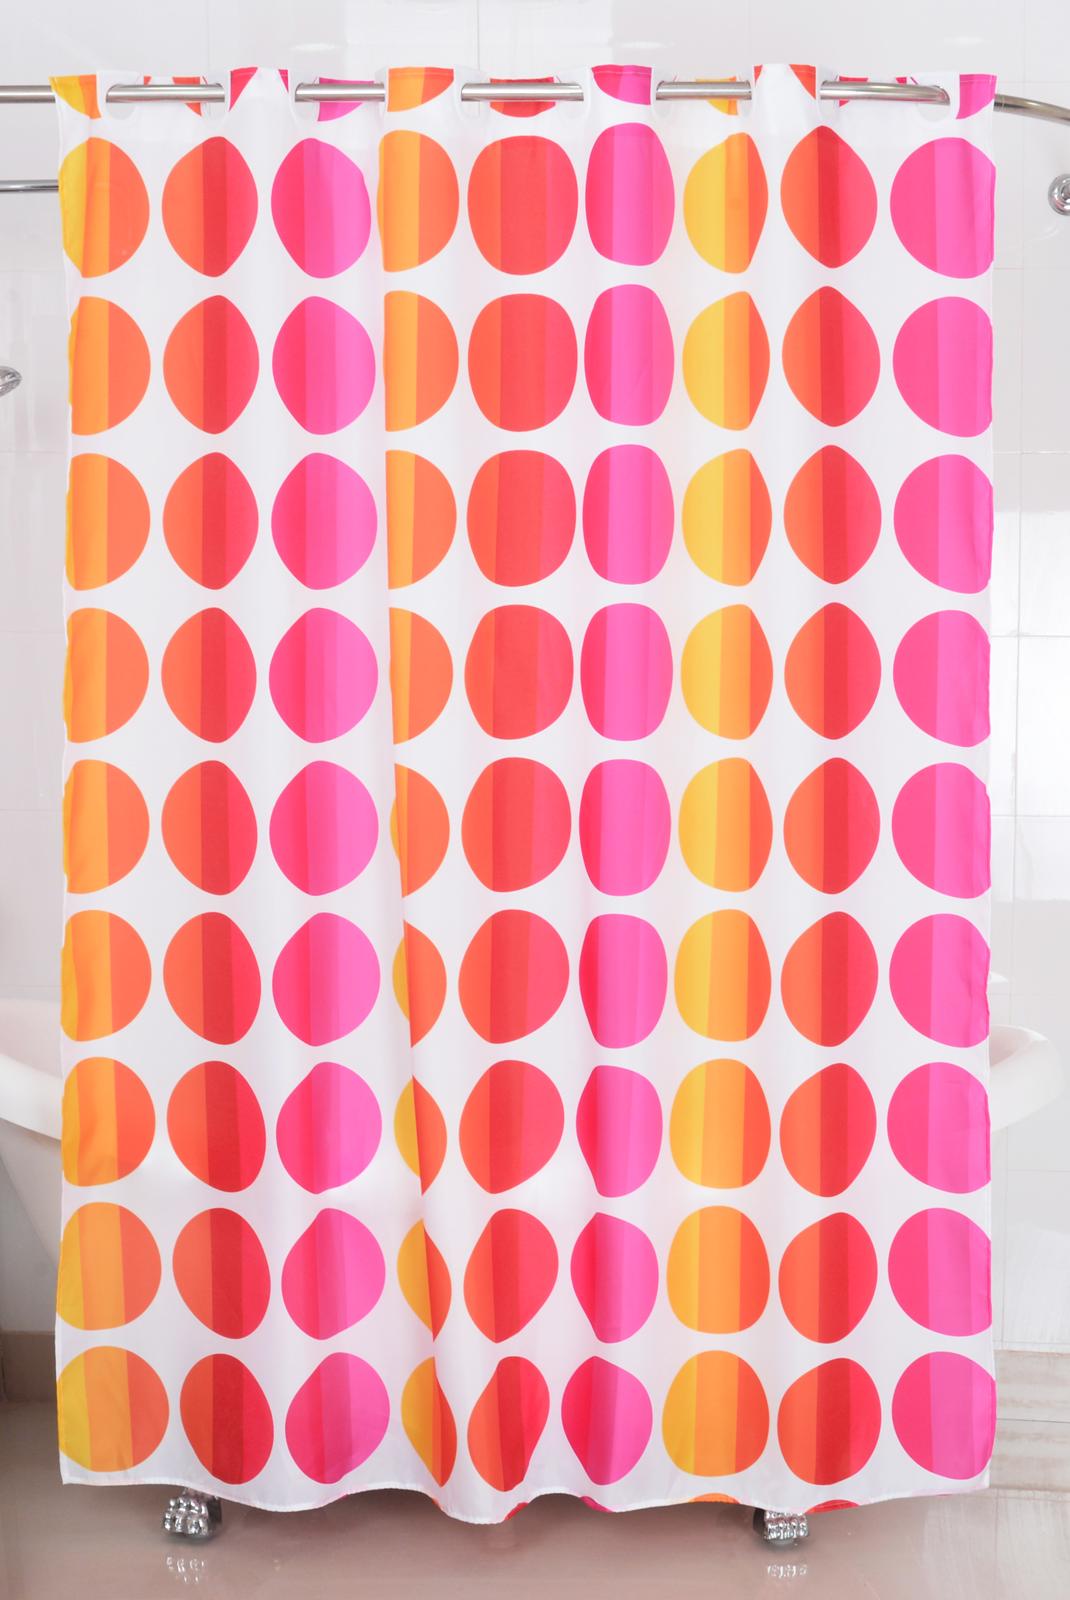 Badtextilien - Textil Duschvorhang Badewannenvorhang Vorhang 180x200 incl. 12 Ringe 568018 Punkte pink  - Onlineshop PremiumShop321